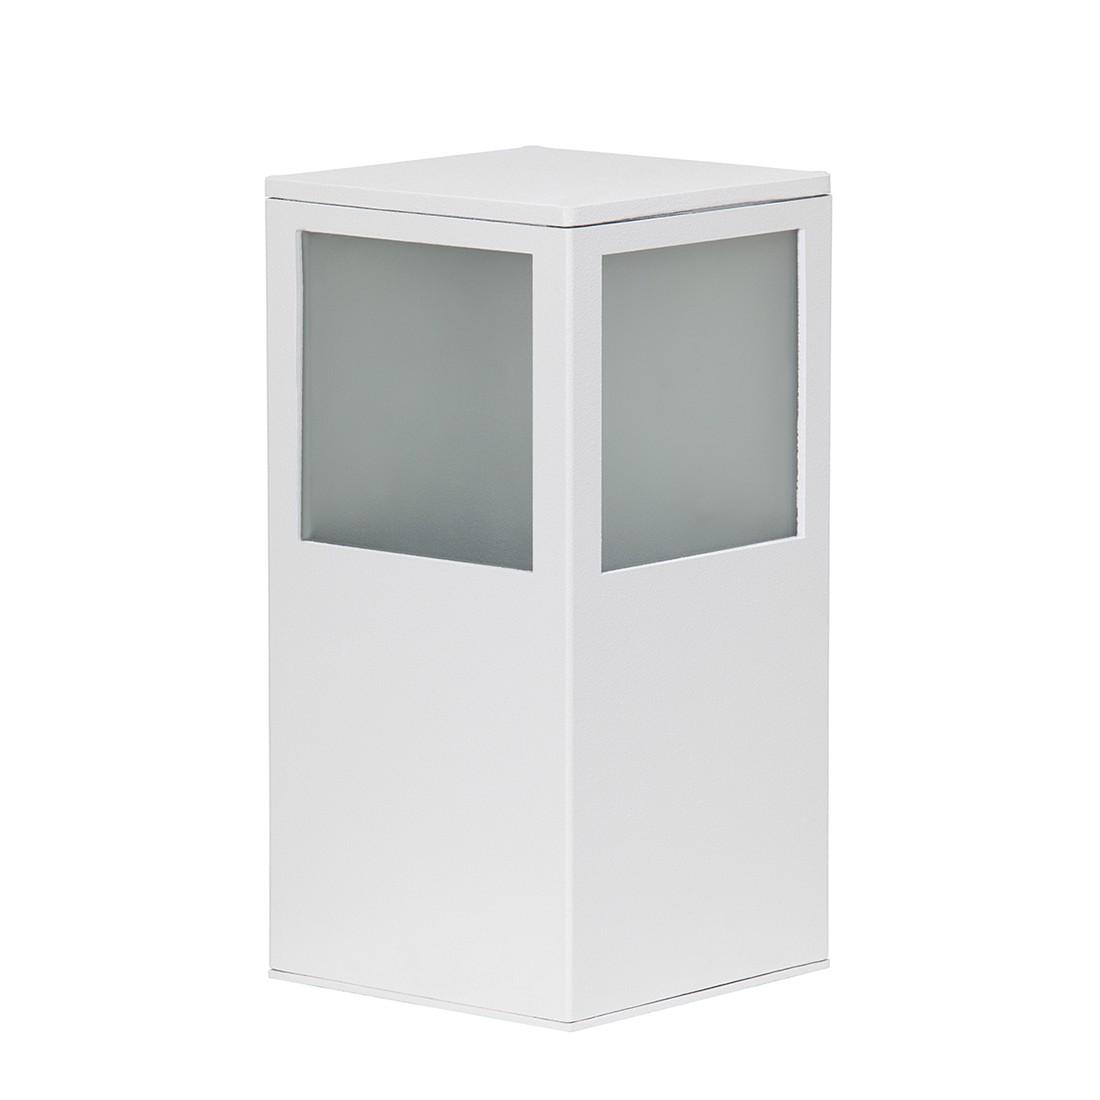 Eek a luminaire d 39 ext rieur varus 1 ampoule for Luminaires d exterieur